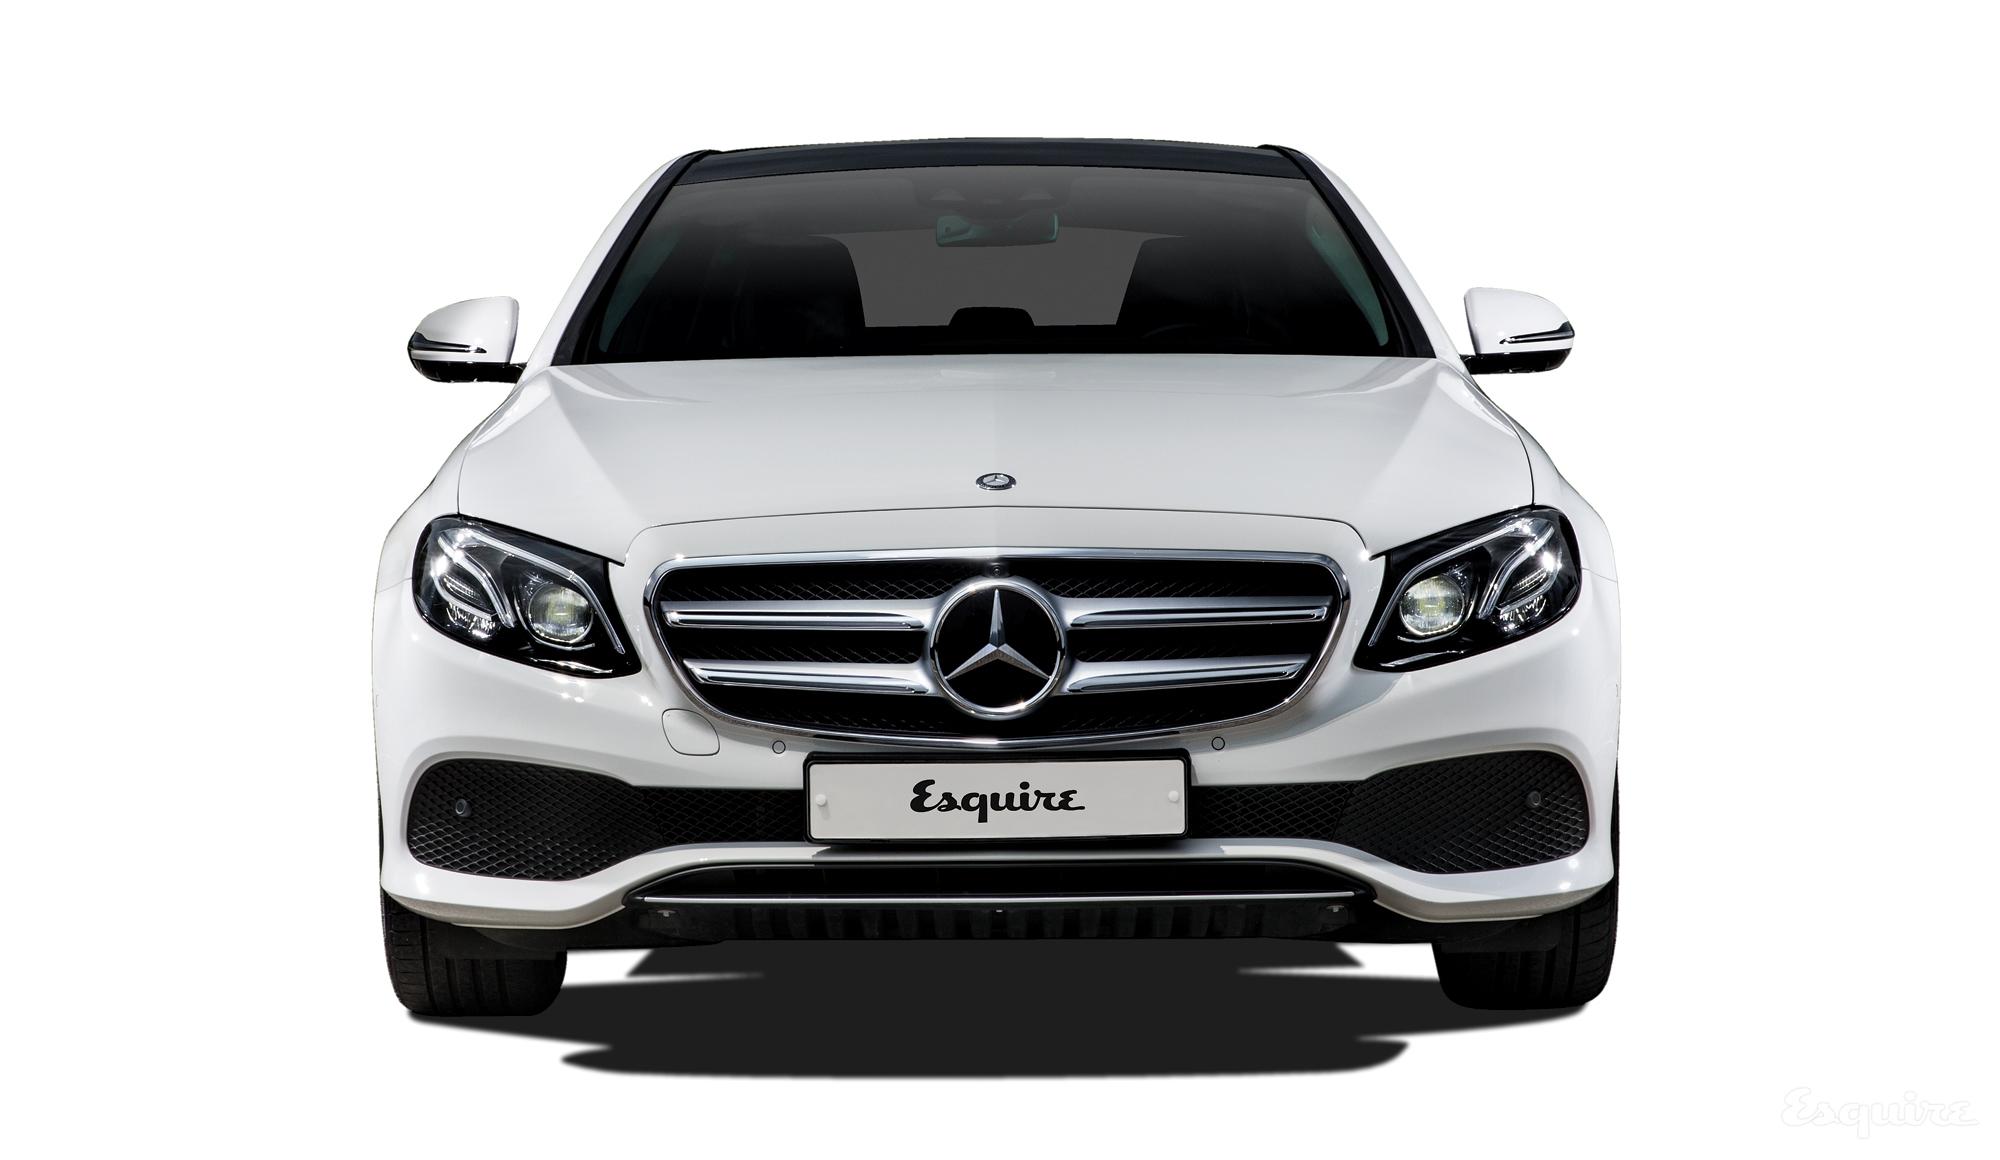 자동차업계가 지켜온 프리미엄 자동차의 가치가 흔들리고 있다. 새로운 E 클래스가 가장 지능적인 세단이라는 타이틀에 초점을 맞춘 이유다.